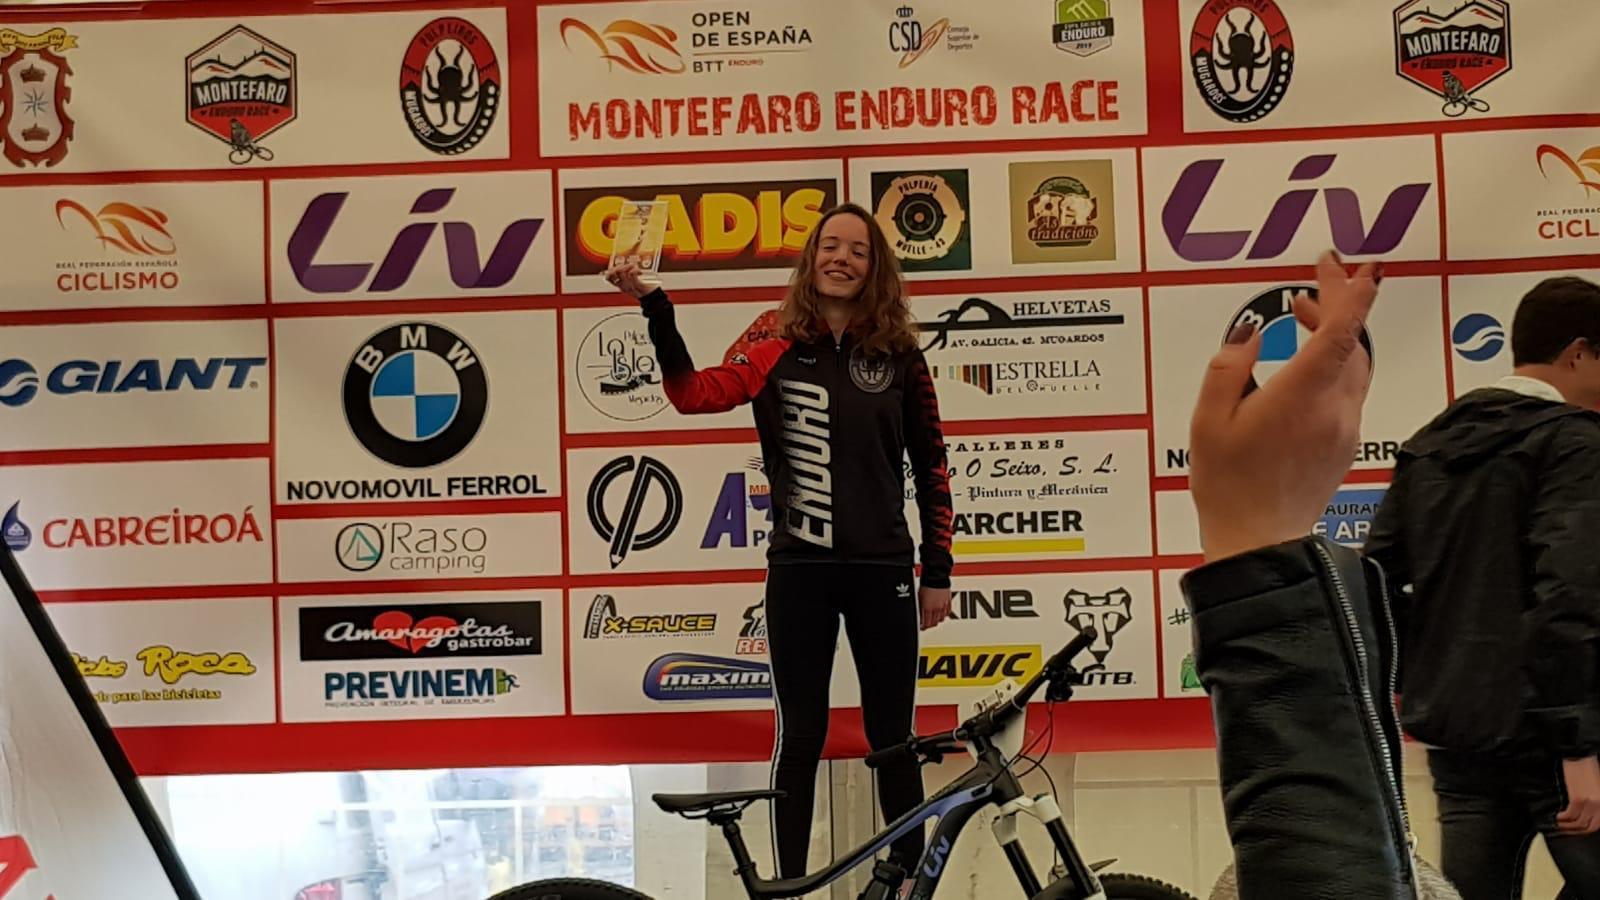 Ferreiro y Duarte, los mejores en Montefaro Enduro Race